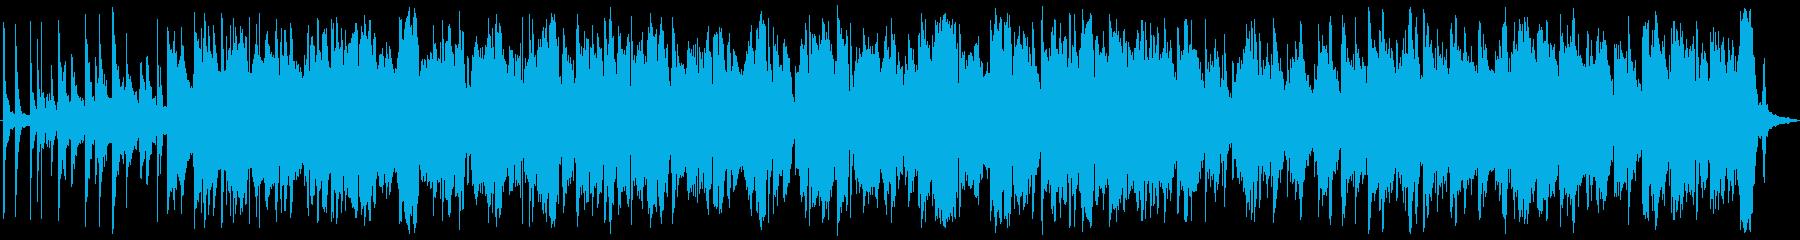 ピアノ中心の幻想的BGMの再生済みの波形